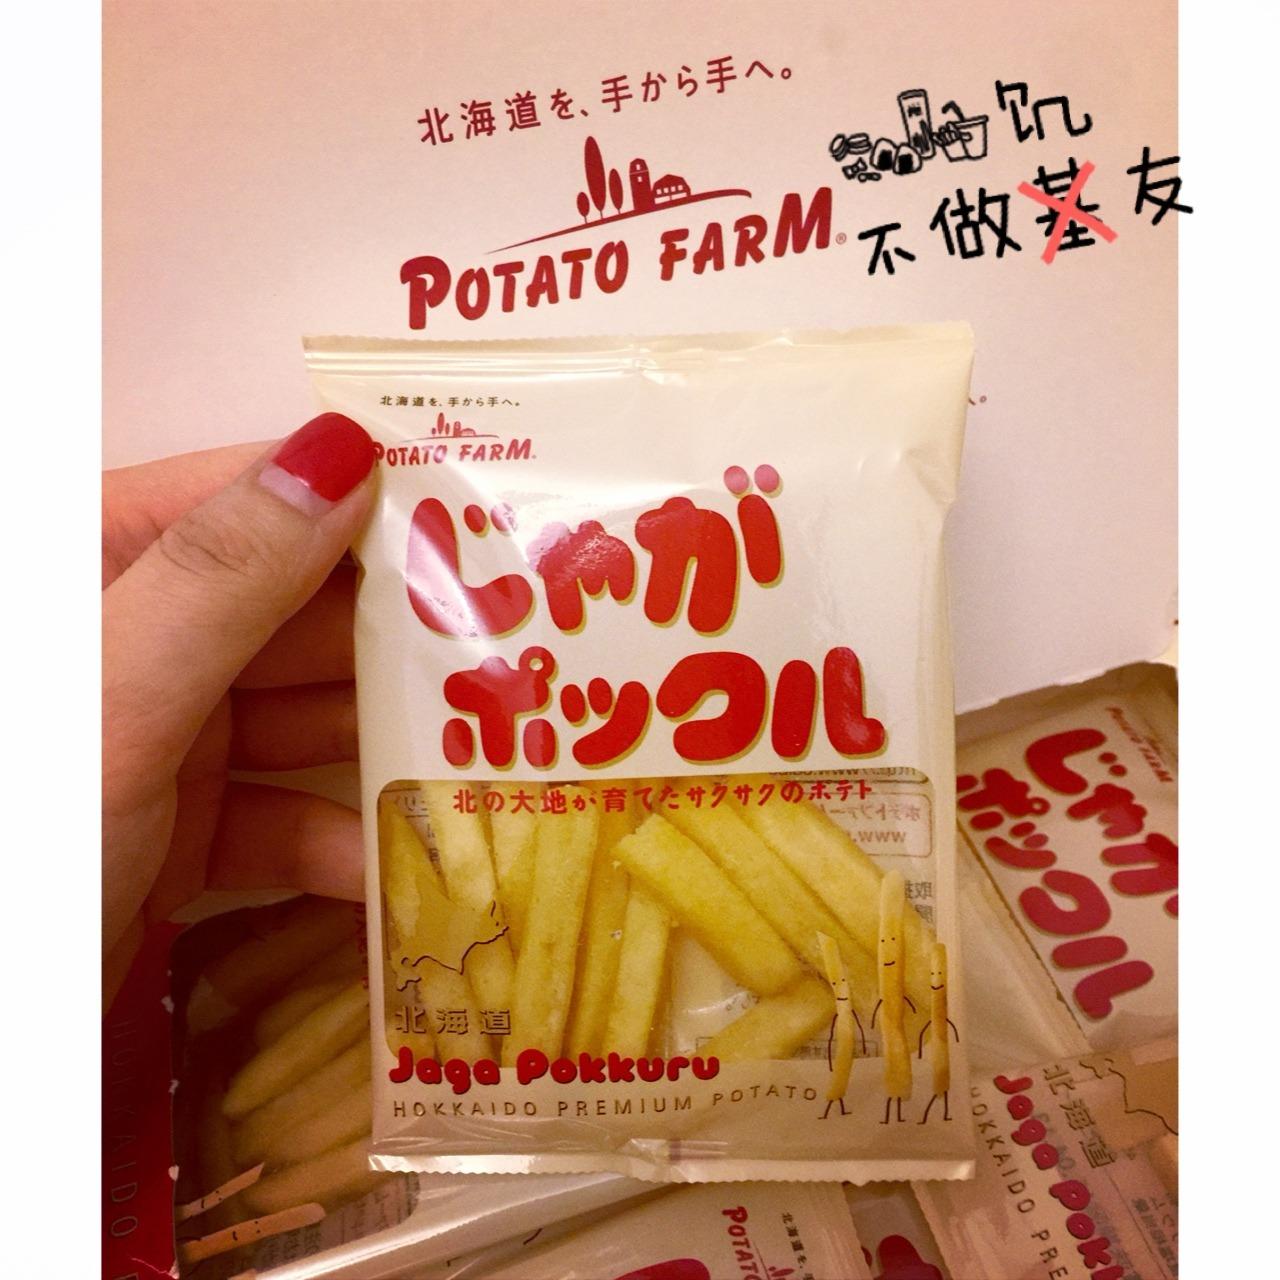 日本calbee薯条三兄弟,北海道本地种植的无任何农药的健康